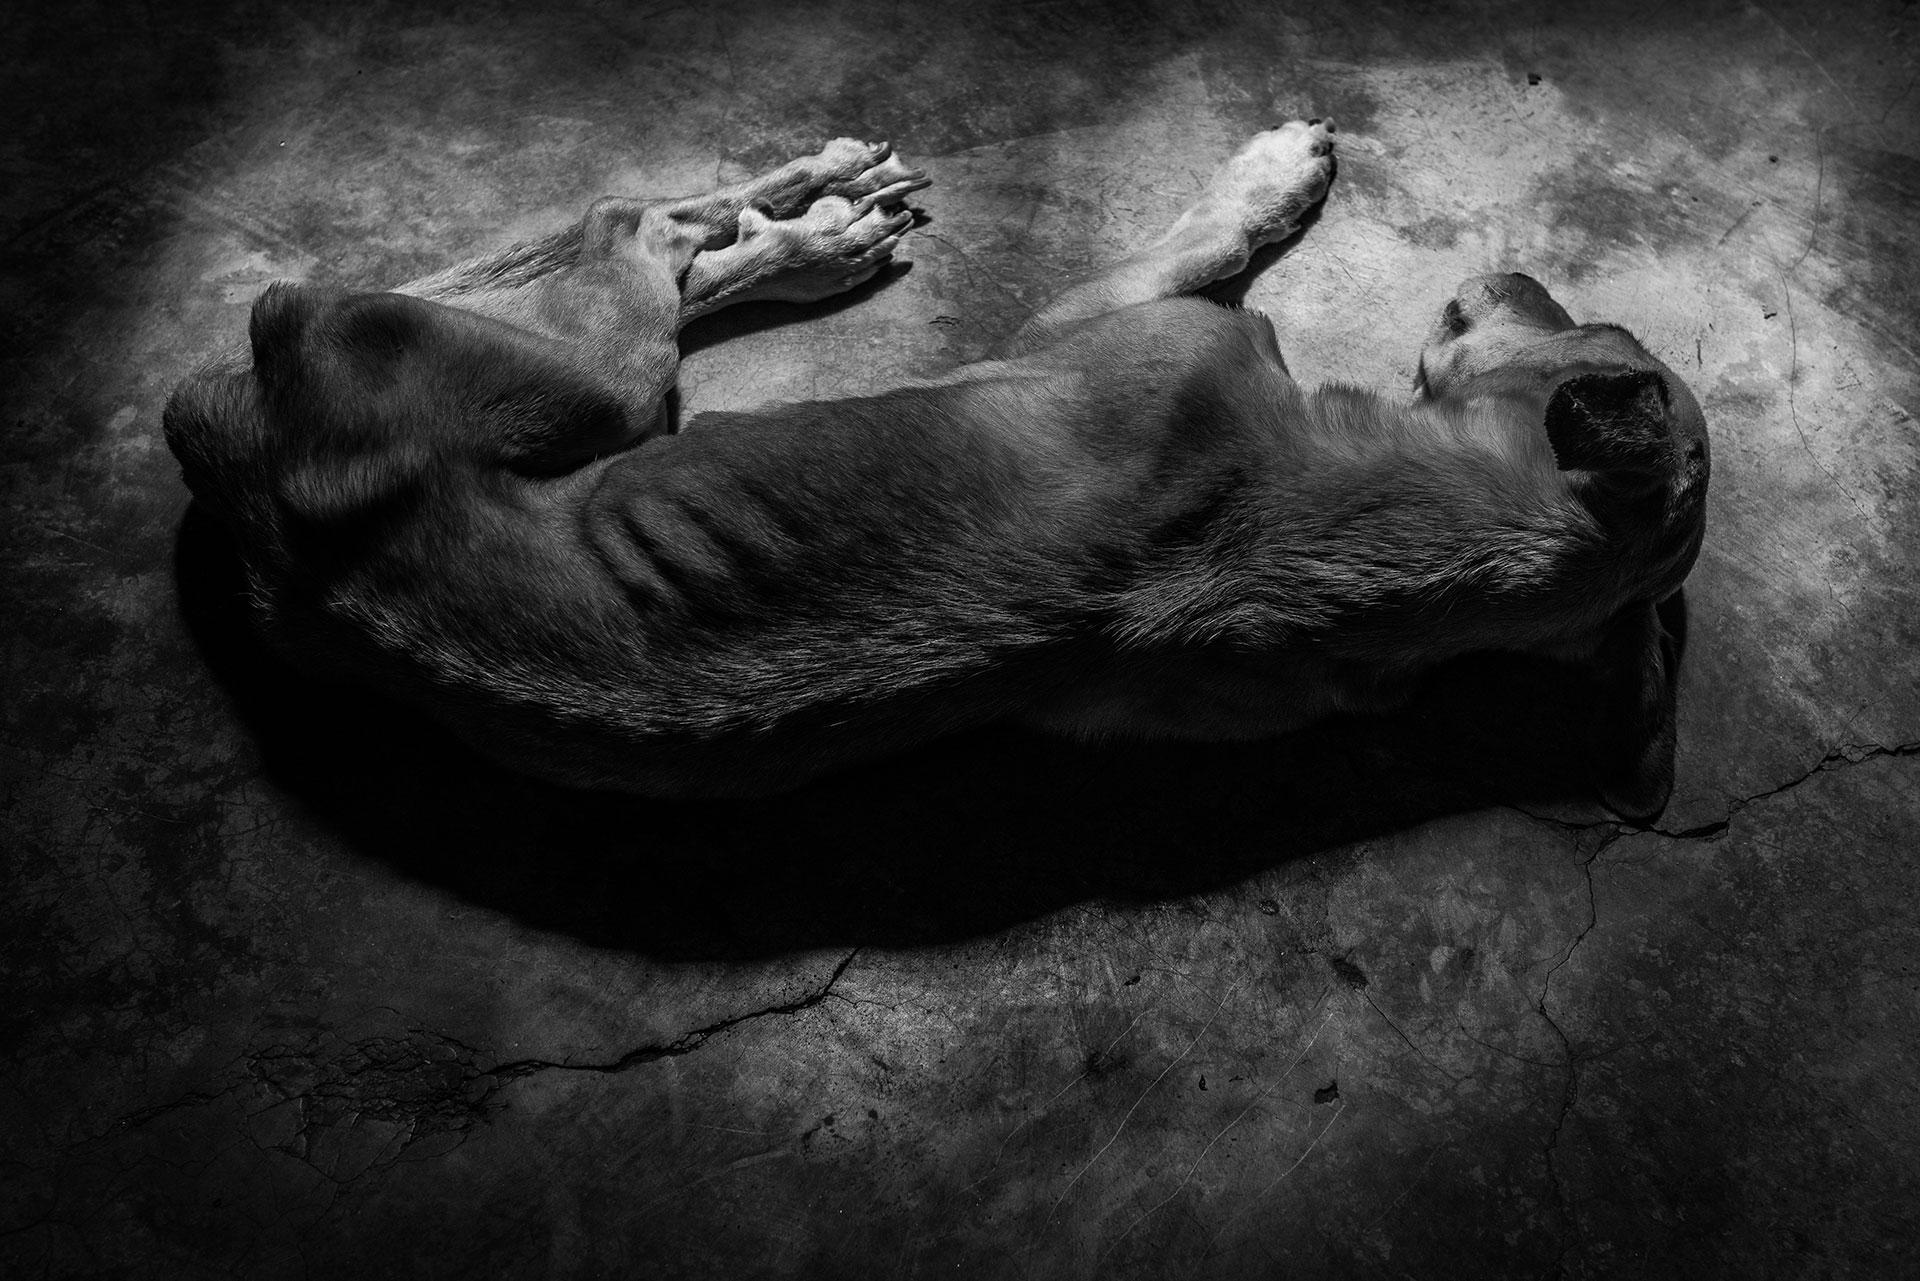 Un perro famélico duerme en el suelo. Según la encuesta ENCOVI, el 64% de los venezolanos perdió peso en 2017.